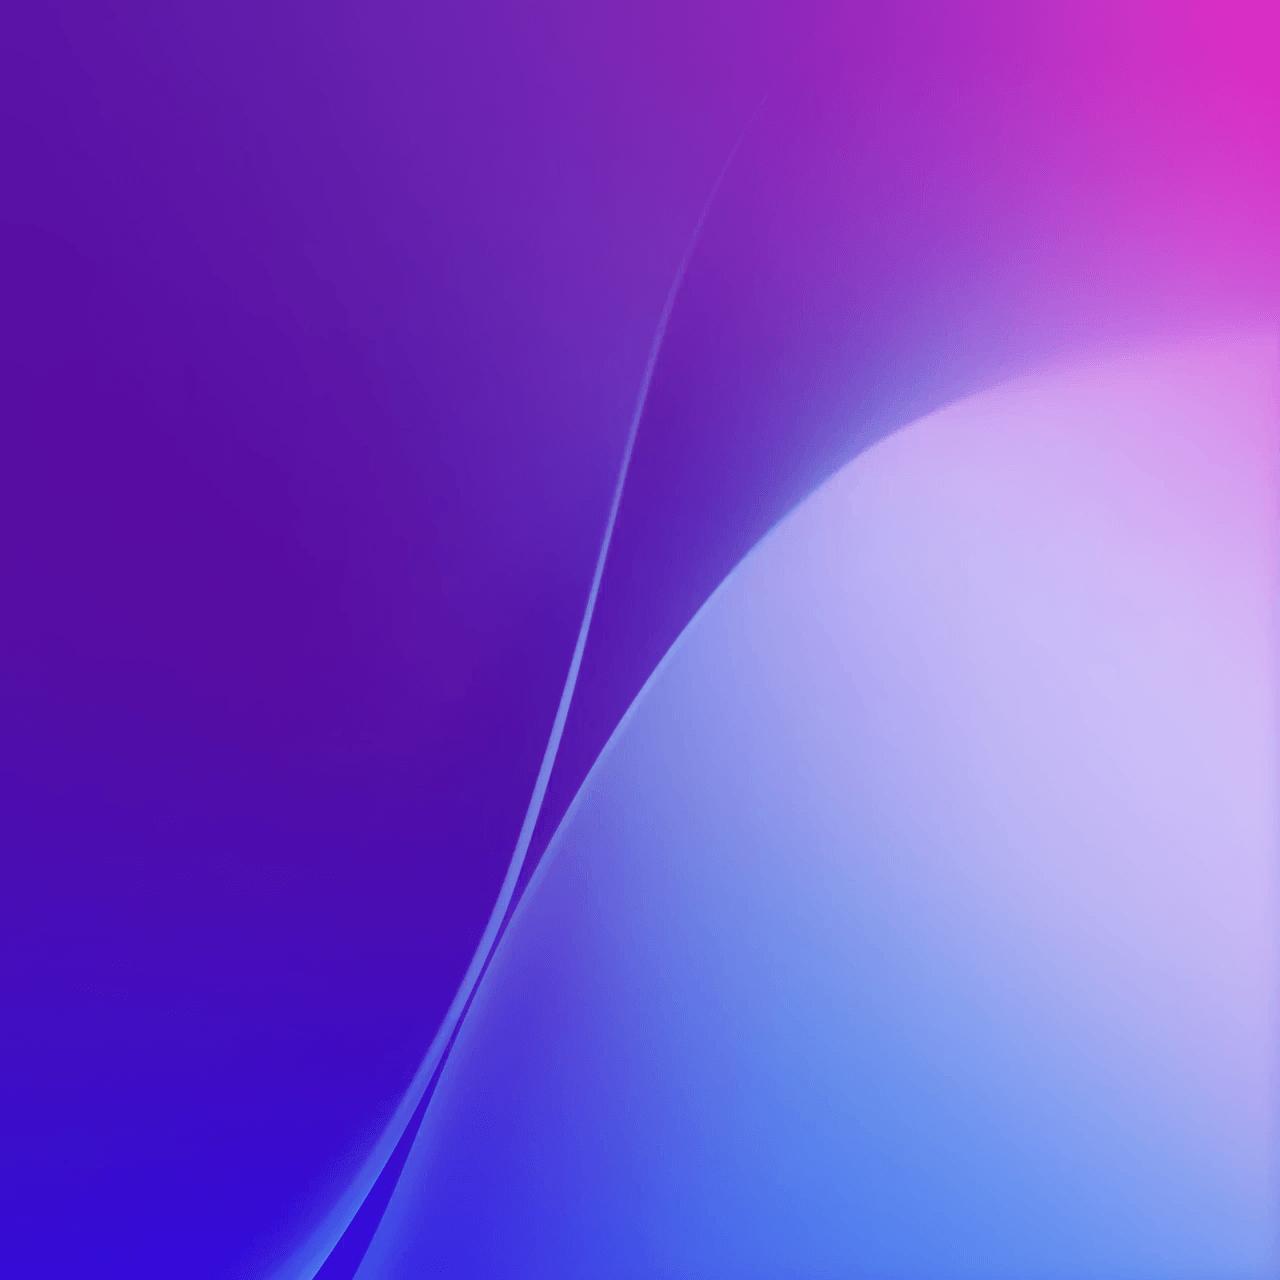 Wallpaper download j7 - Full Hd Samsung Galaxy J7 Wallpapers Download 2 Wallpapers